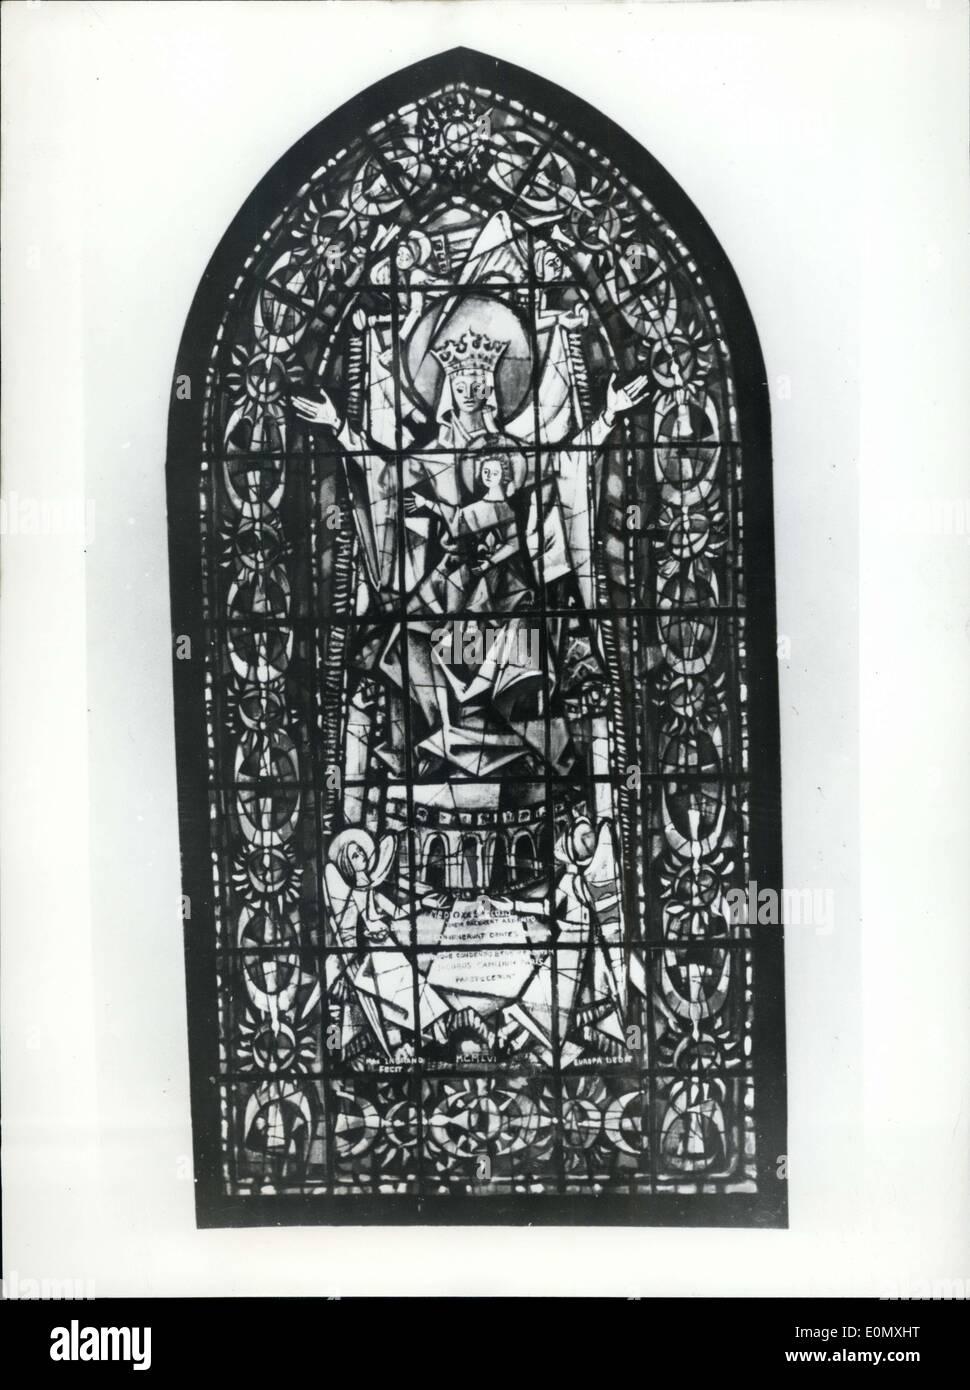 Ottobre 15, 1956 - Ad Ottobre 21st: la finestra dell' Europa sarà inaugurata. La finestra è nella cattedrale di Strasburgo e gli è stato dato dal Consiglio europeo e i 16 membri erano interessati a ottenere il denaro dai cattolici, Prostestants e Mussulman. Il modello è realizzato da Max Ingrad. Immagini Stock